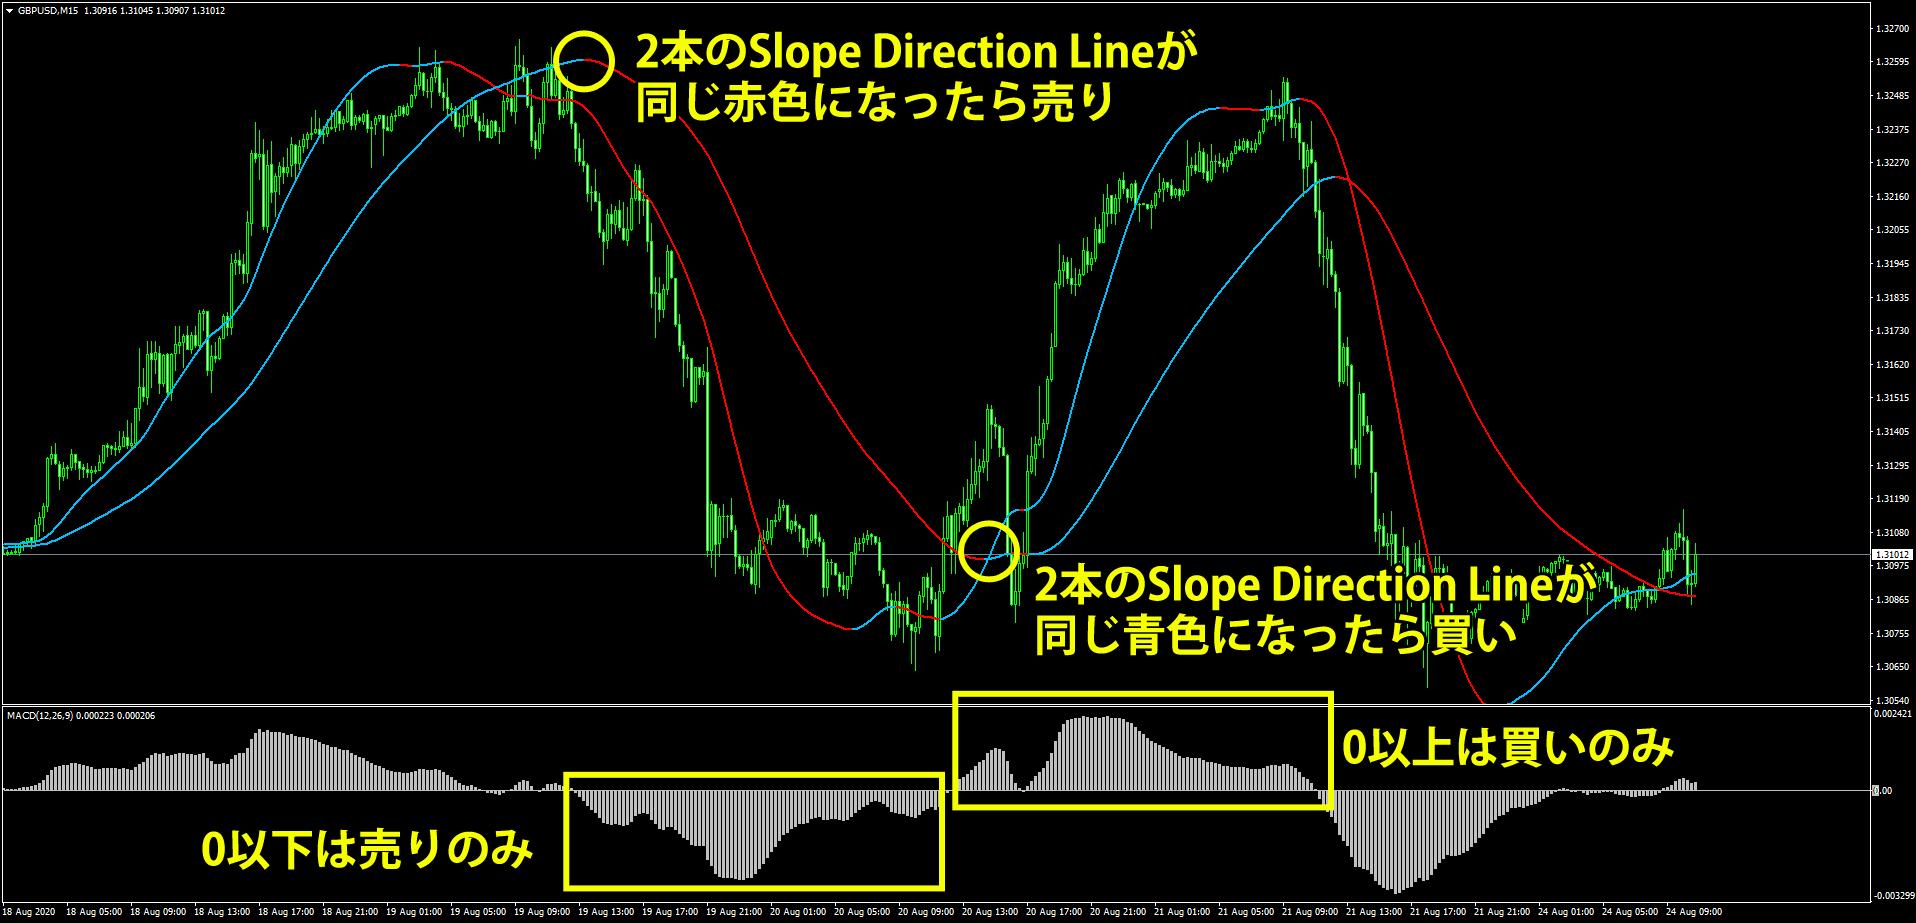 Slope Direction Lineを使うトレンドフォロー手法の概要